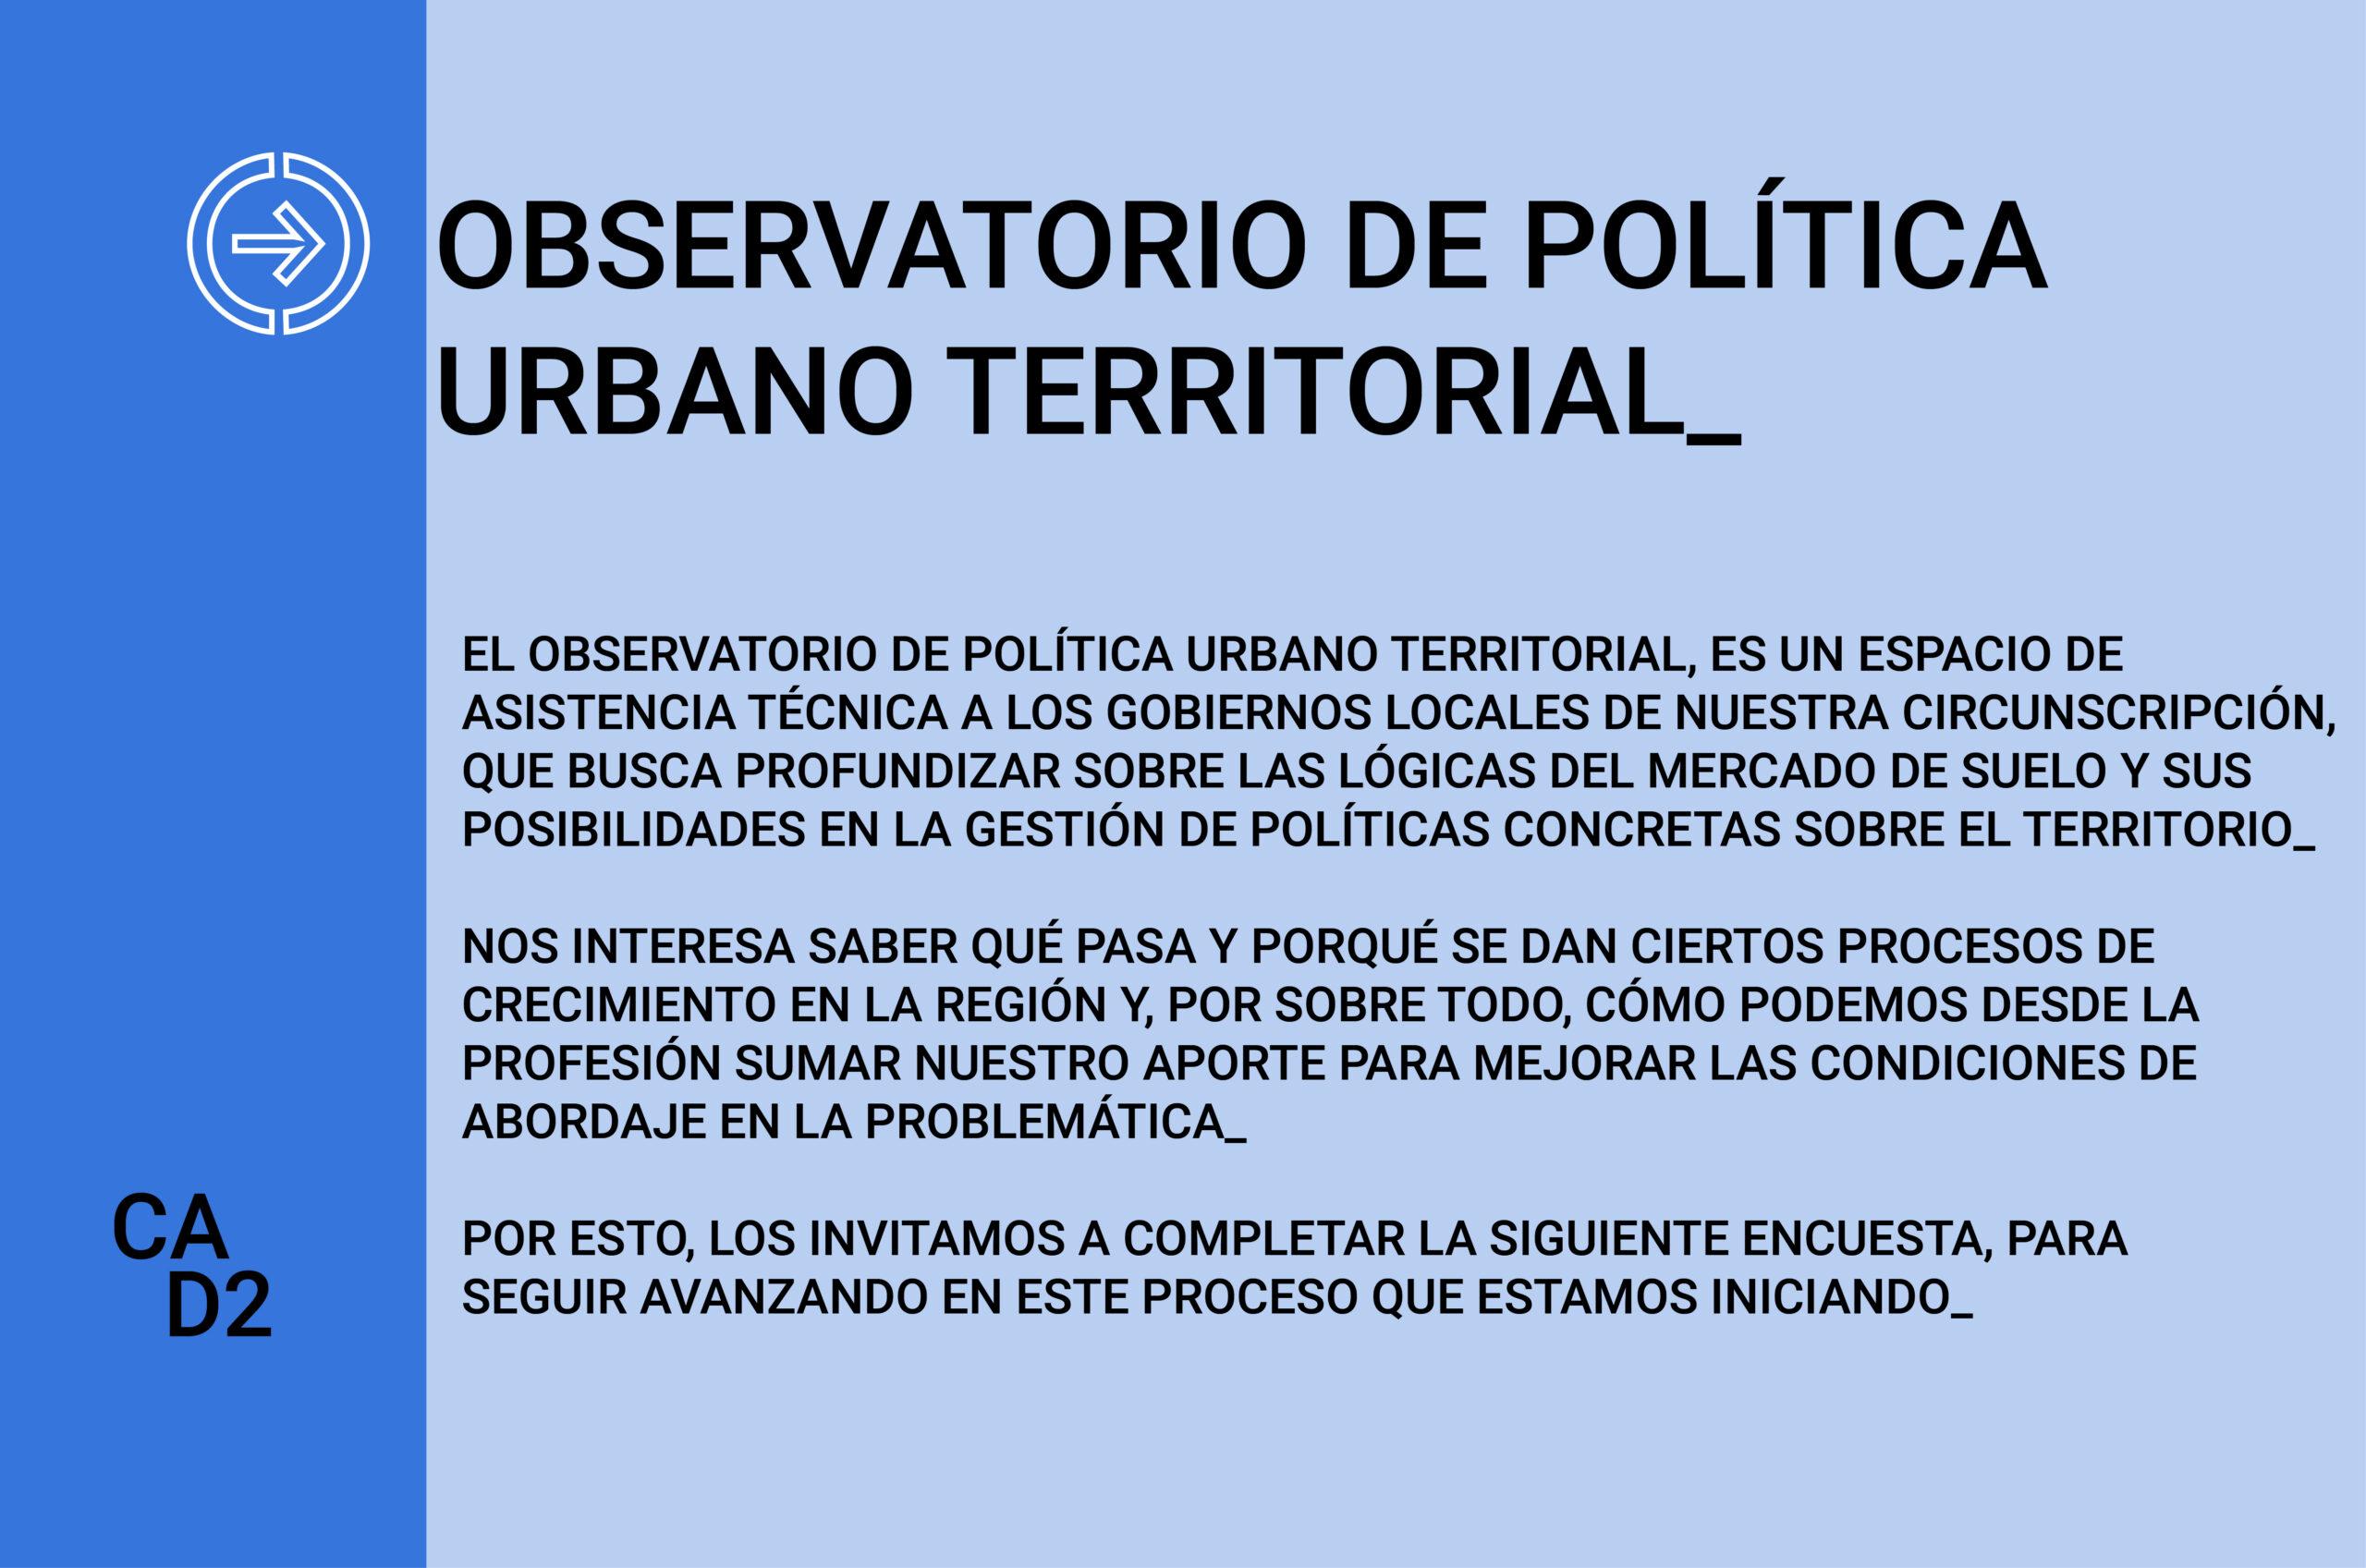 ENCUESTA DEL OBSERVATORIO DE POLÍTICA URBANO TERRITORIAL